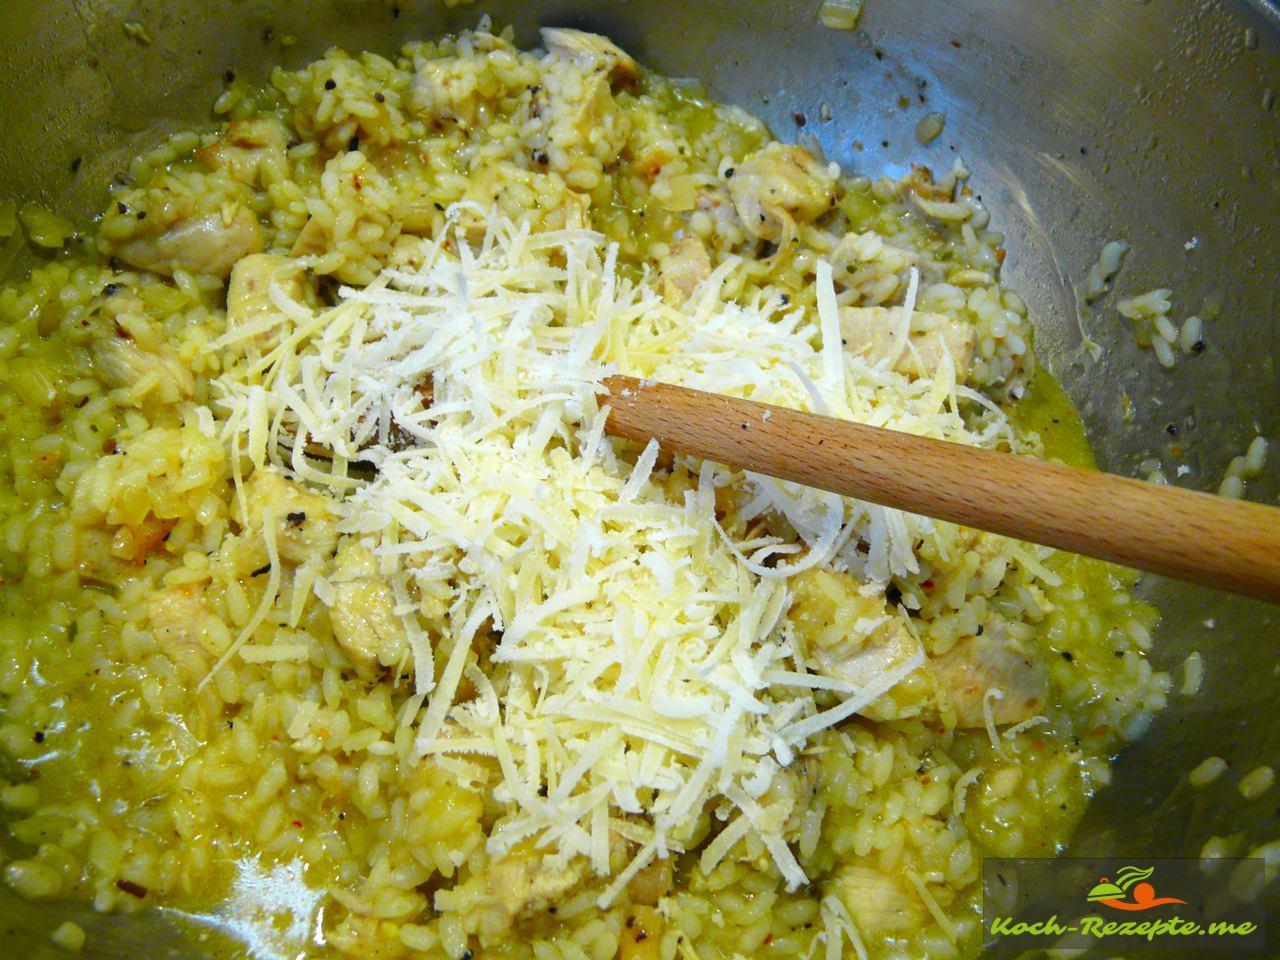 Parmesan unterrühren, abschmecken und servieren